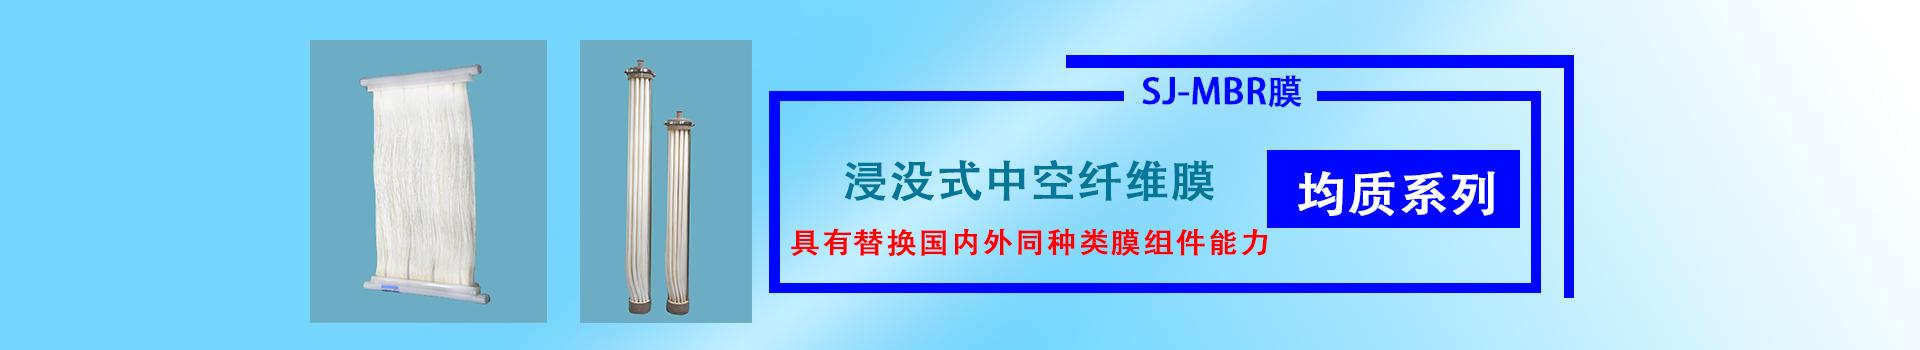 帘式膜banner更新7